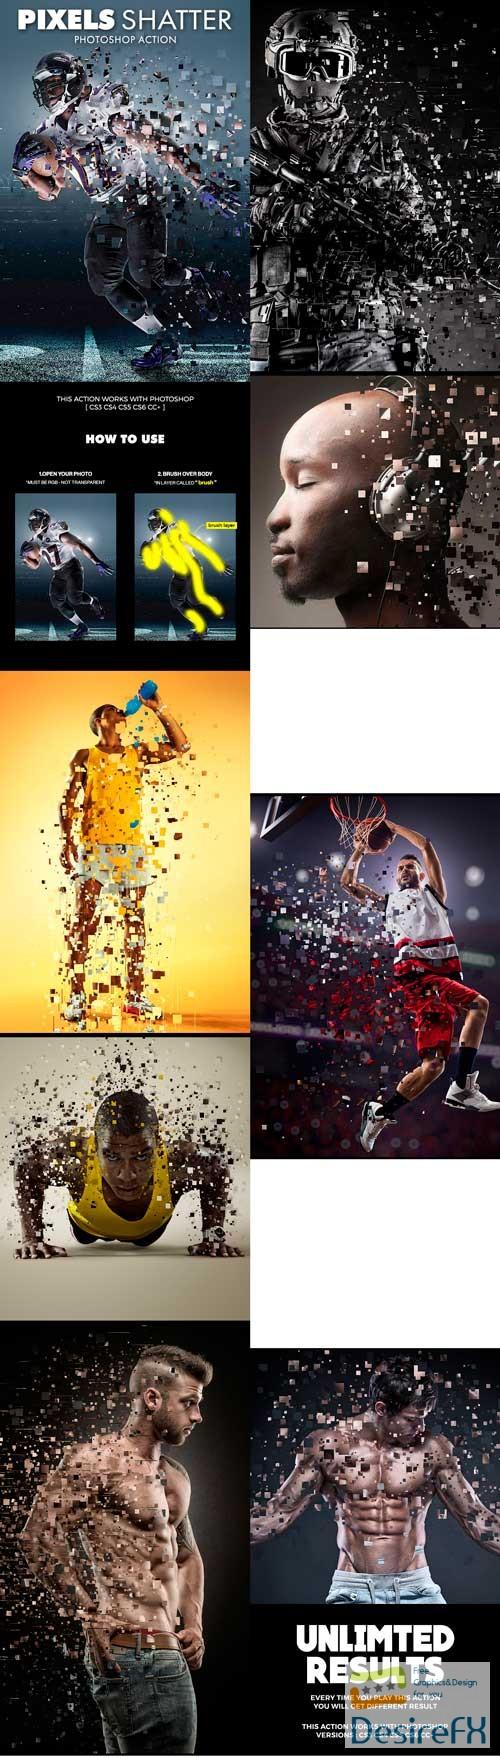 Graphicriver Pixels Shatter Photoshop Action